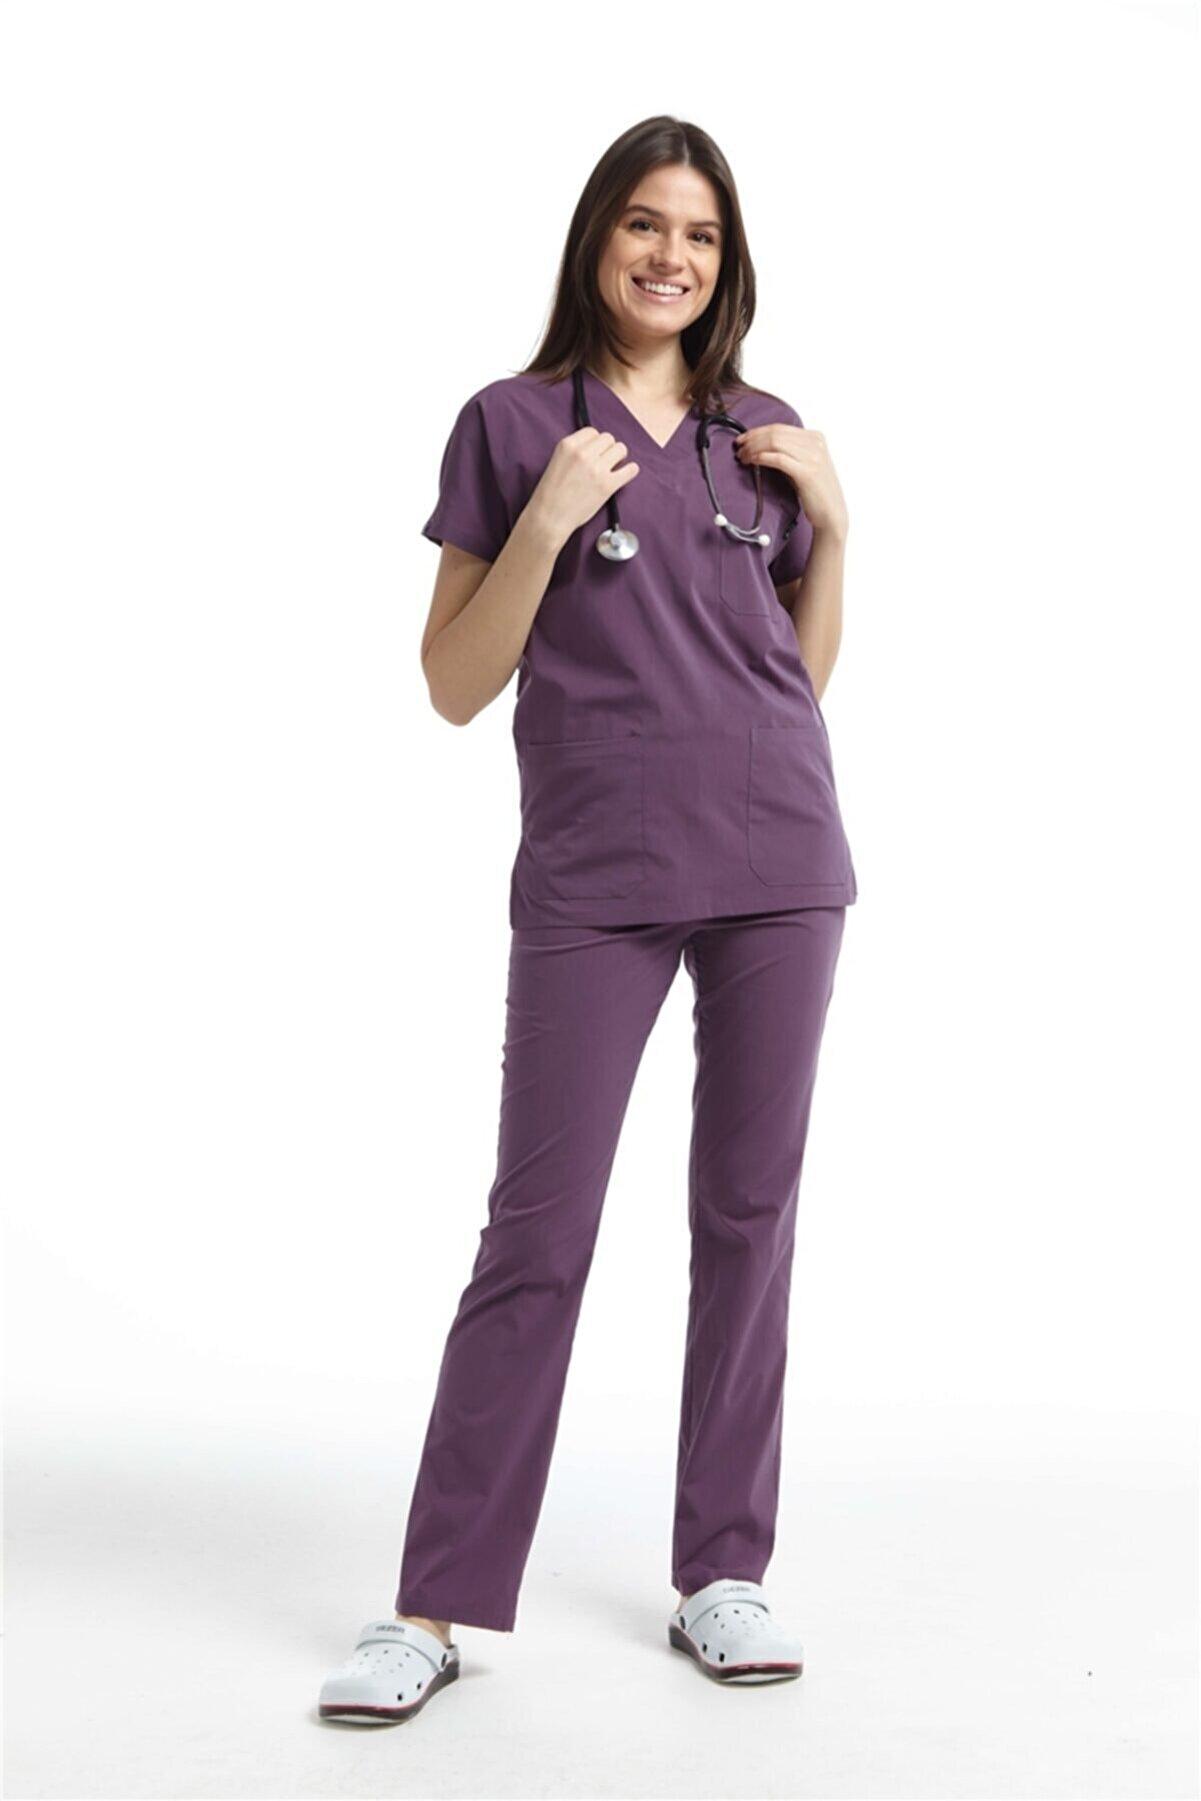 Çatı Medikal Ultralycra Spaniard - Doktor Hemşire Forma Takımı (KADIN), Gül Kurusu